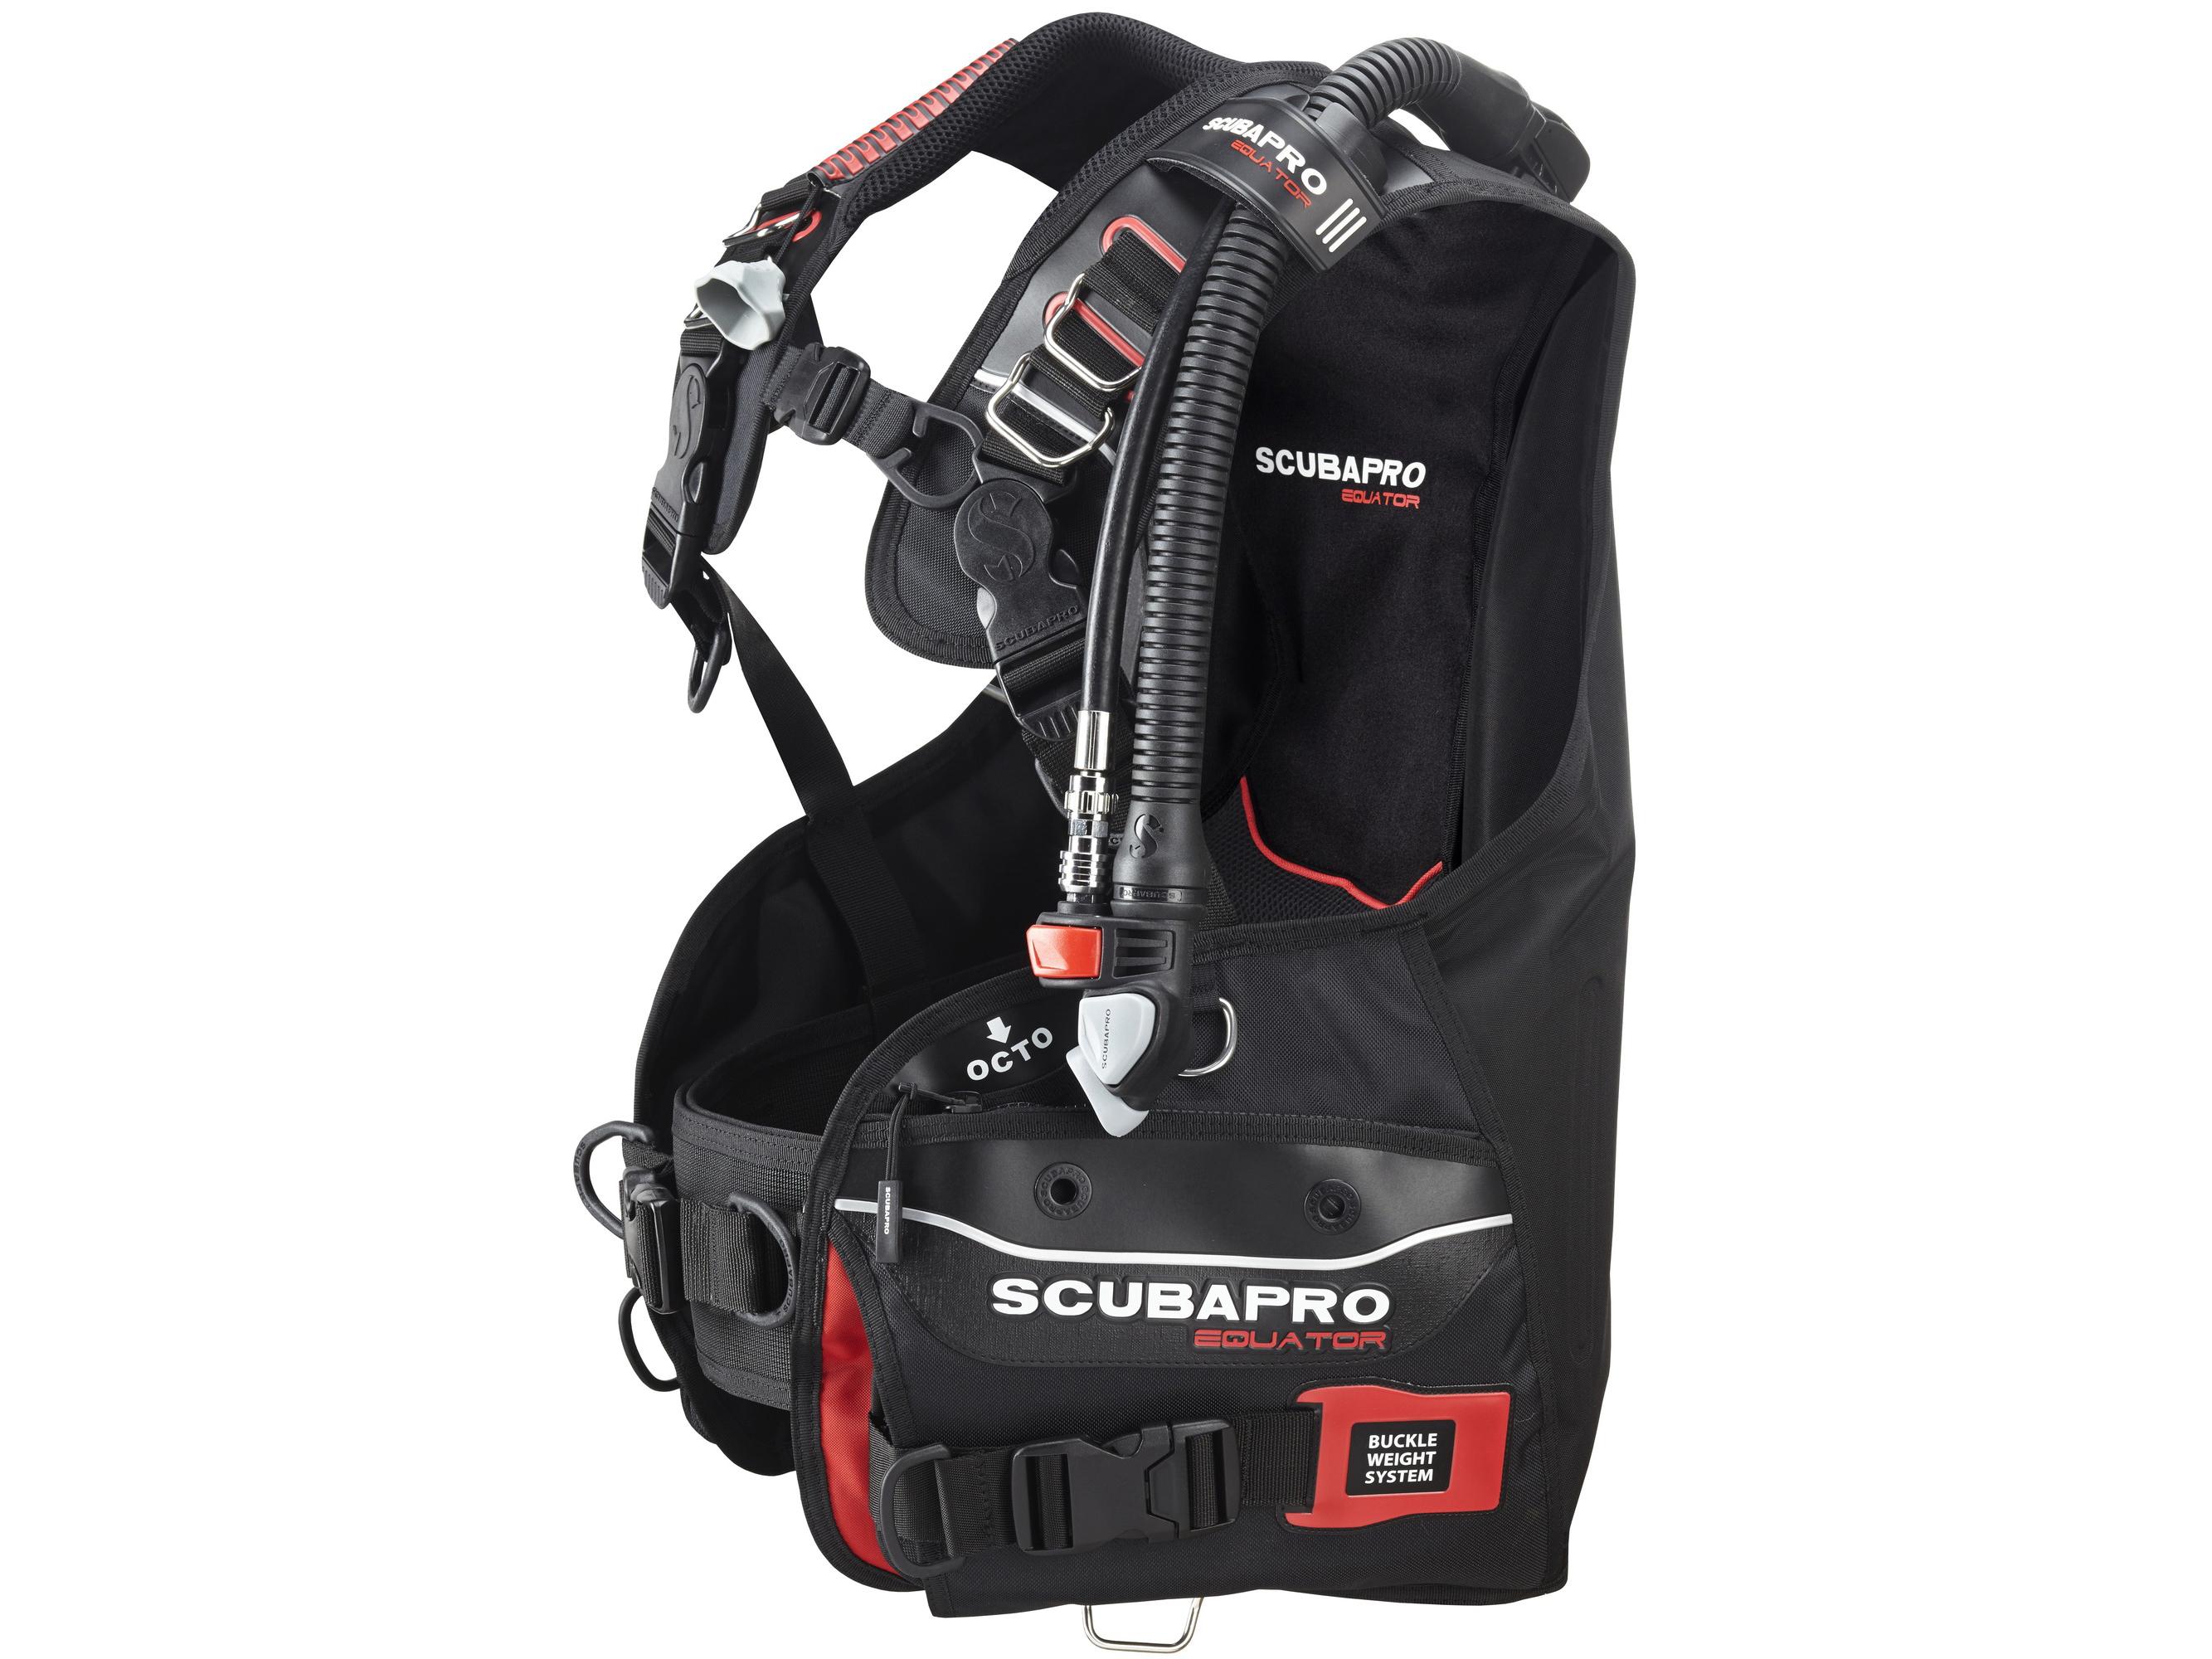 SCUBAPRO EQUATOR(スキューバプロ エクエイター) BCジャケット(AIR-2装備) [送料無料!]